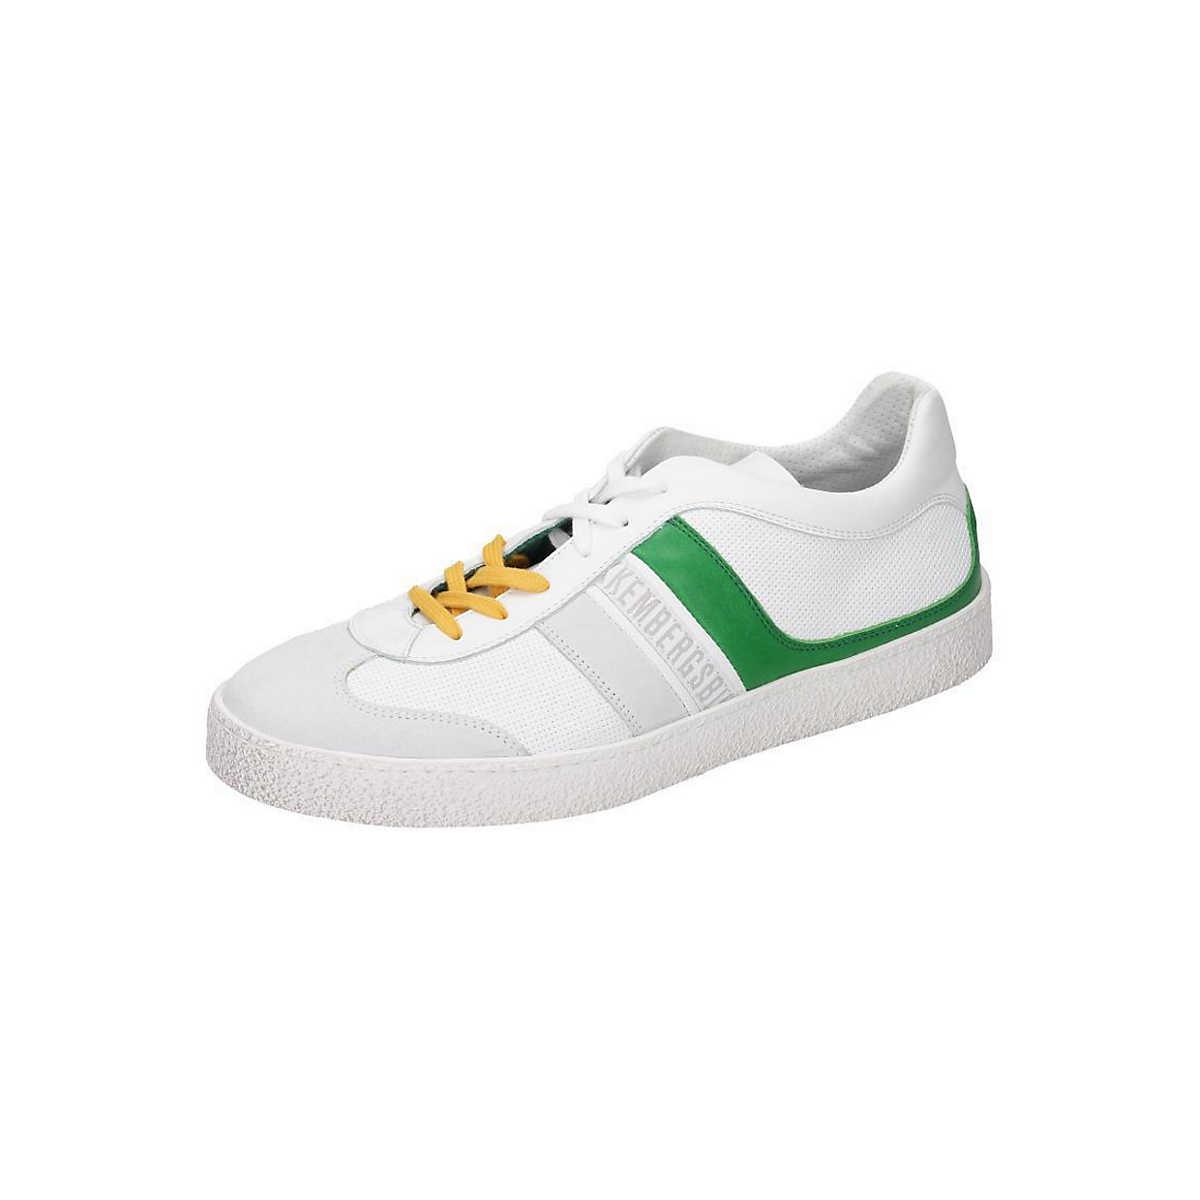 Bikkembergs Sneakers weiÃ?Â?-kombi - Bikkembergs - Sneakers - Schuhe - mirapodo.de